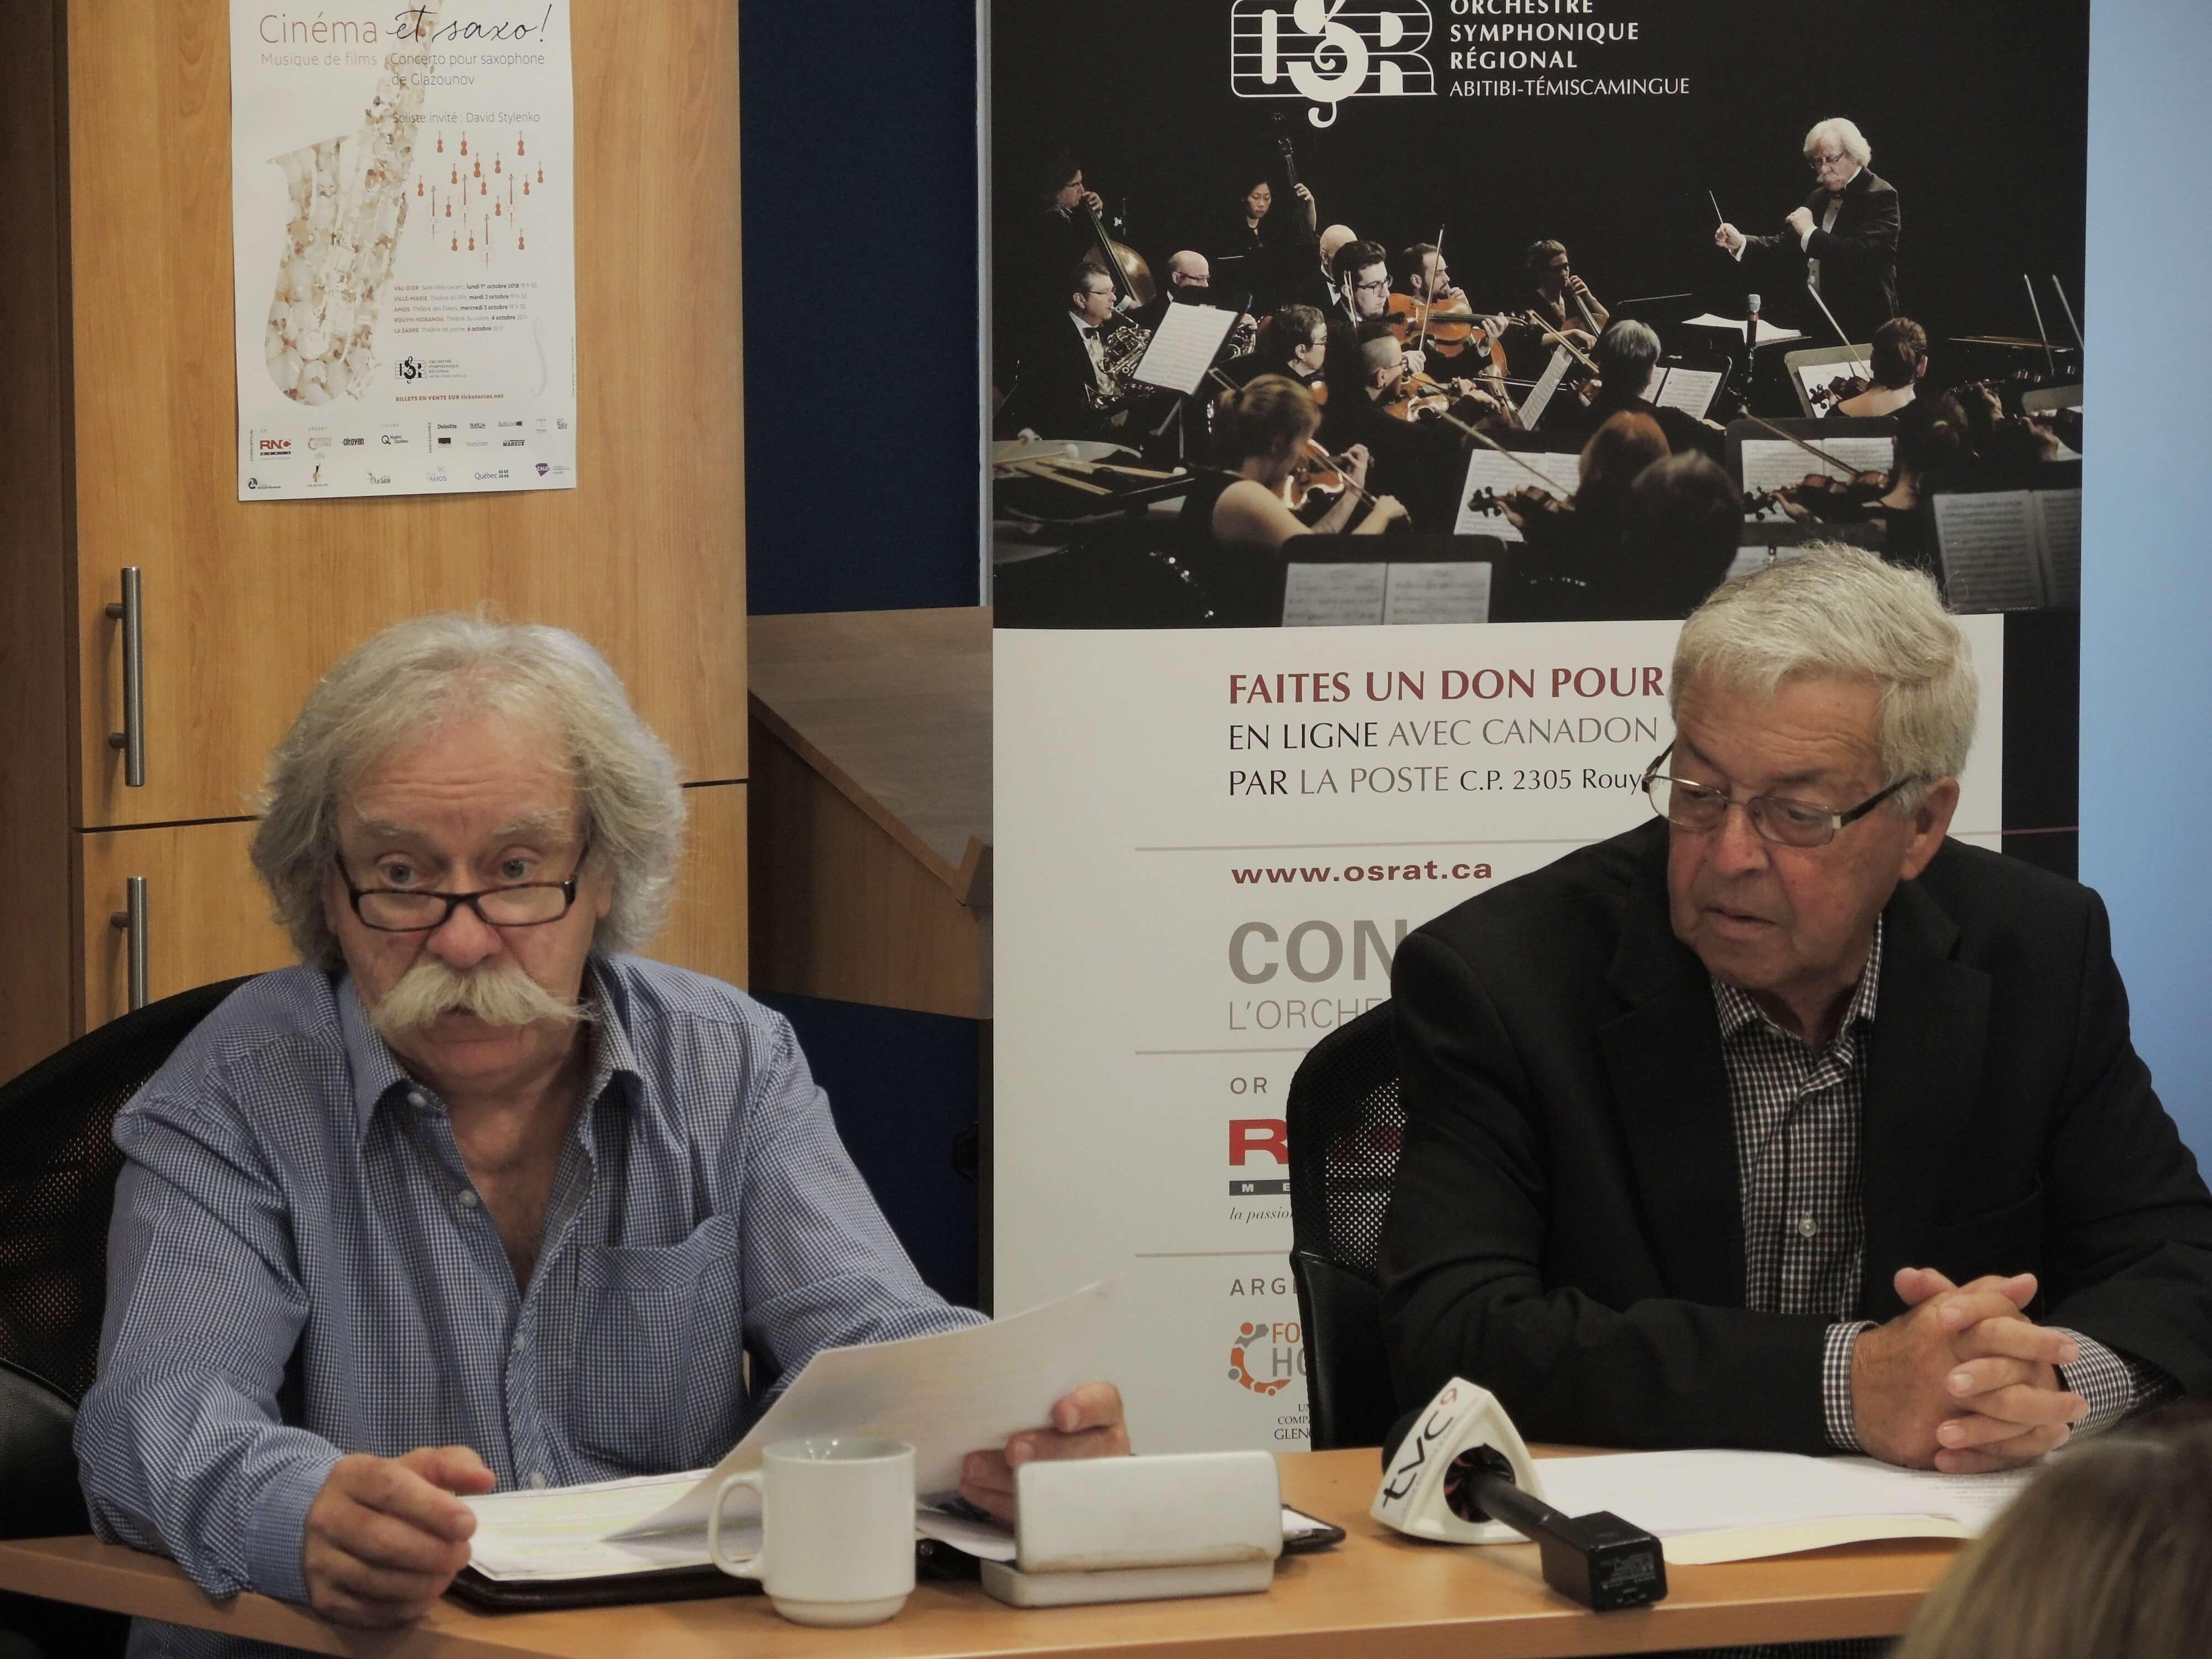 Orchestre symphonique régional